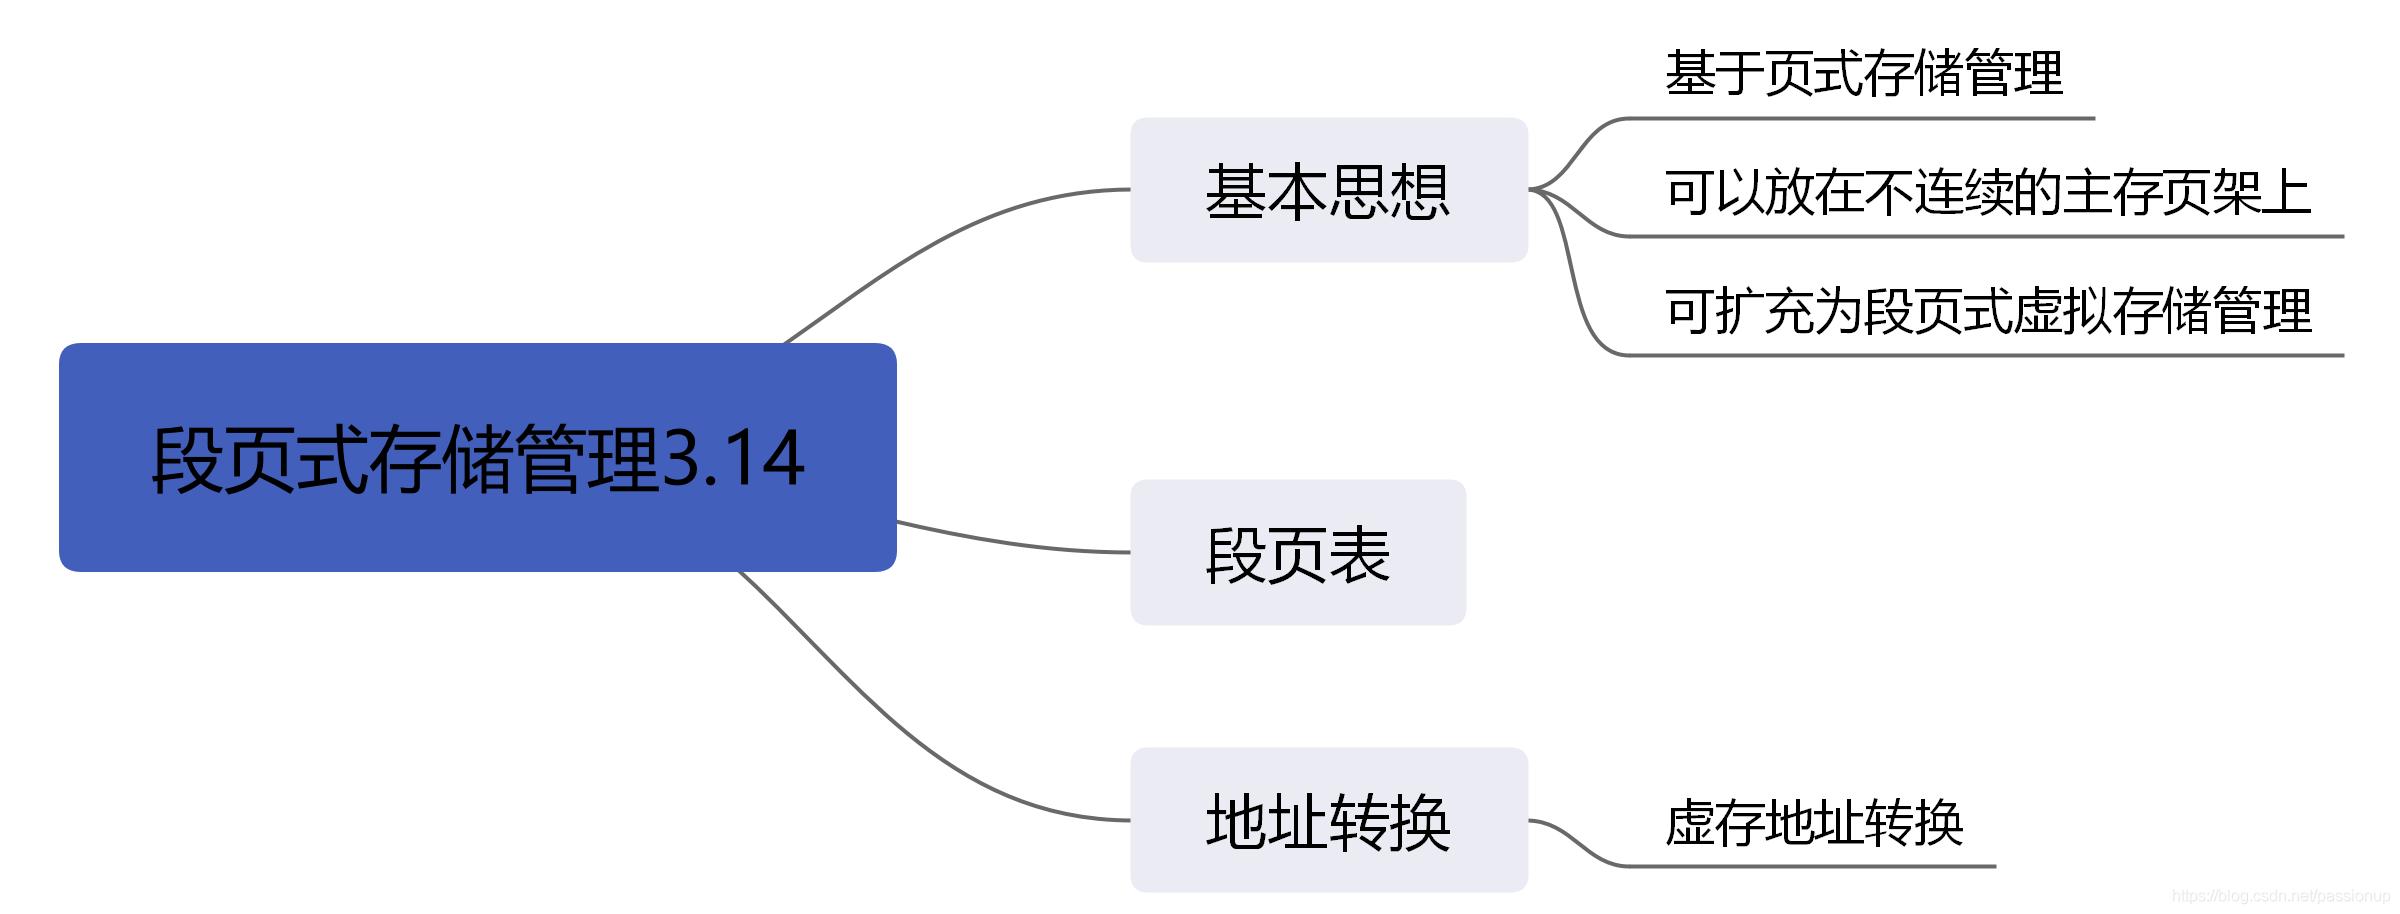 [外链图片转存失败,源站可能有防盗链机制,建议将图片保存下来直接上传(img-Zyub0ez0-1586167946699)(3_存储管理.assets/段页式存储管理3.14.png)]